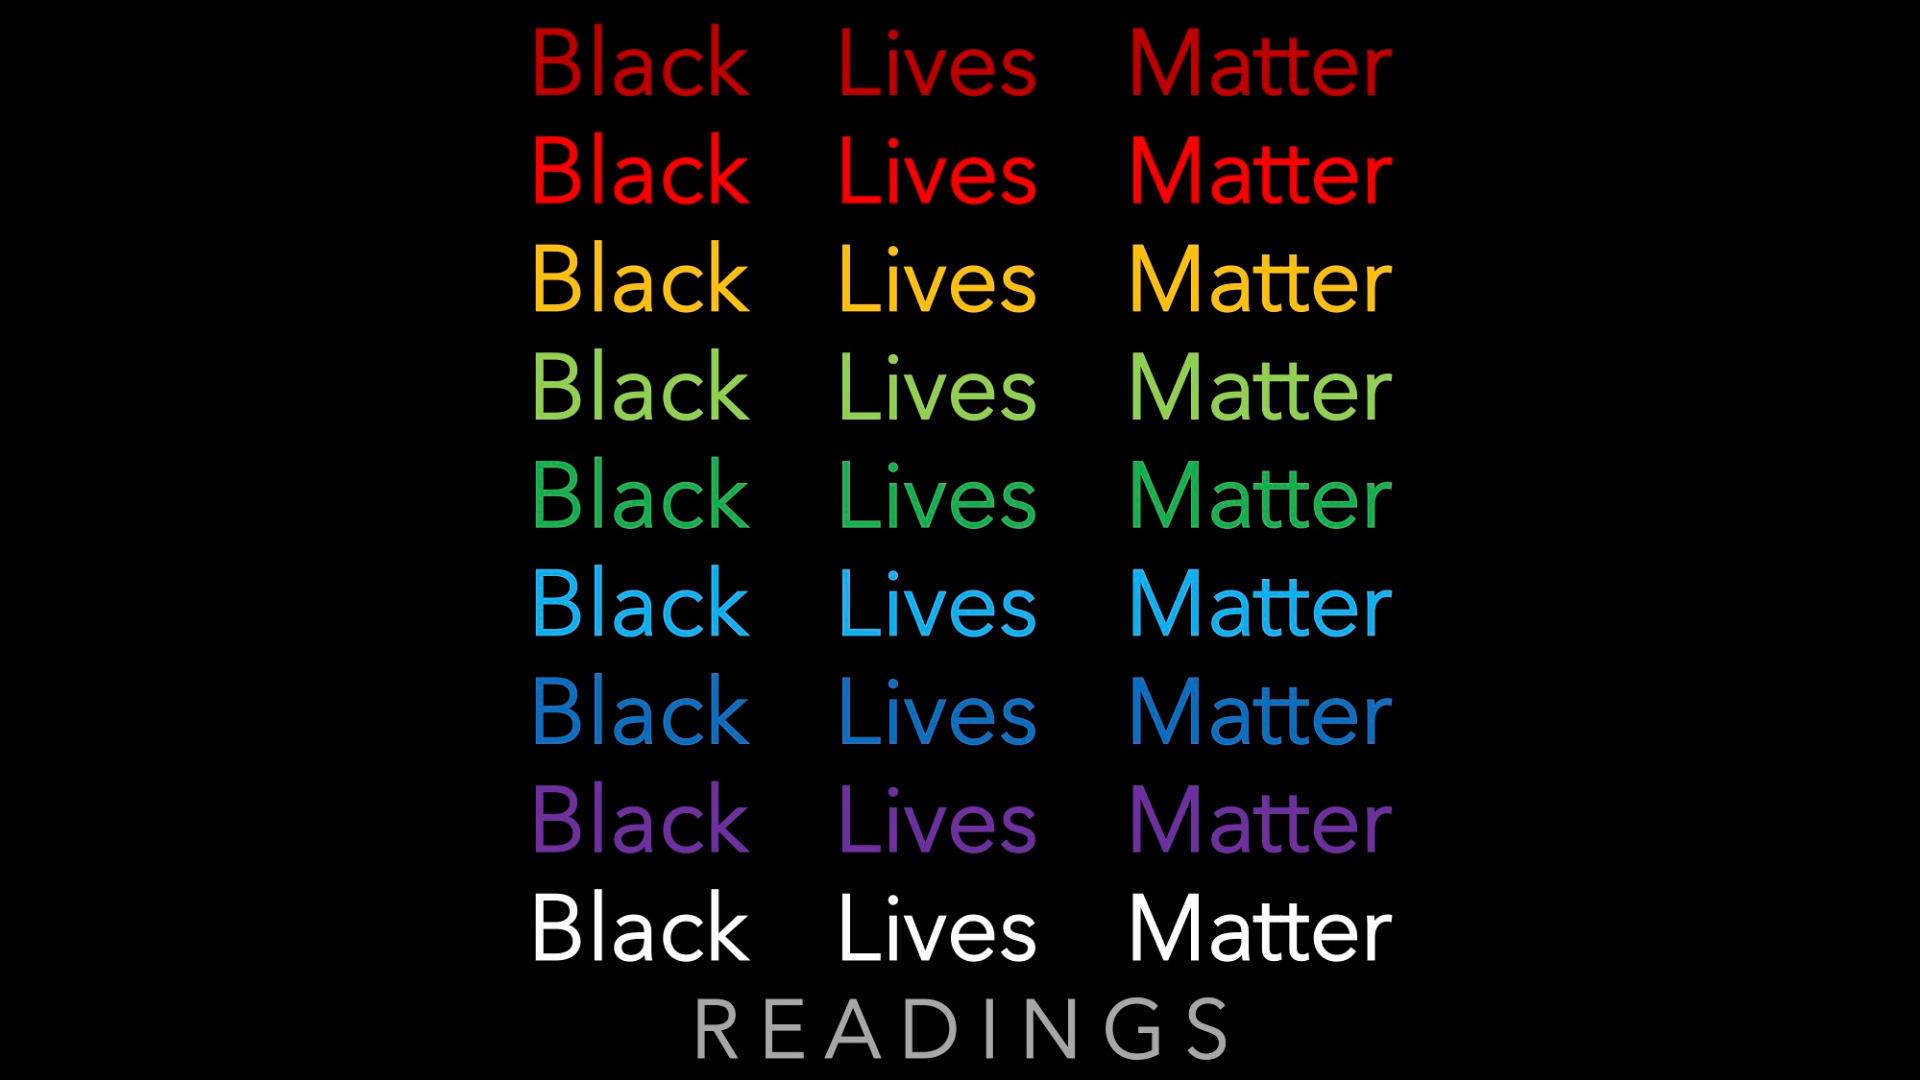 black-lives-matter-image